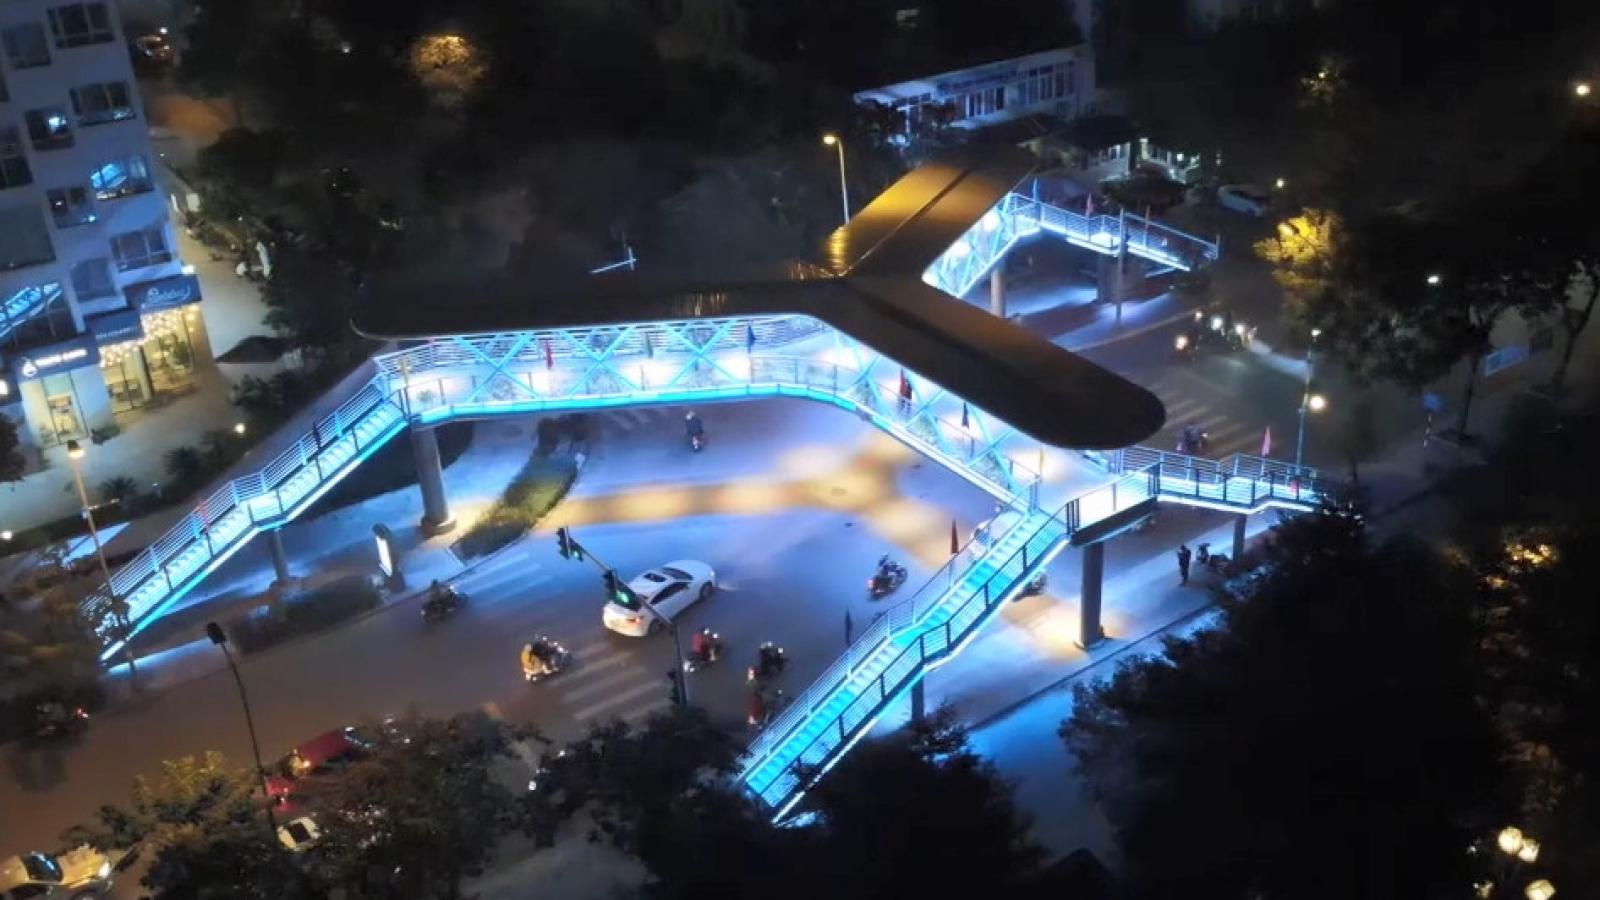 Cầu chữ Y ở Hà Nội được lắp đèn led đổi màu, huyền ảo trong đêm